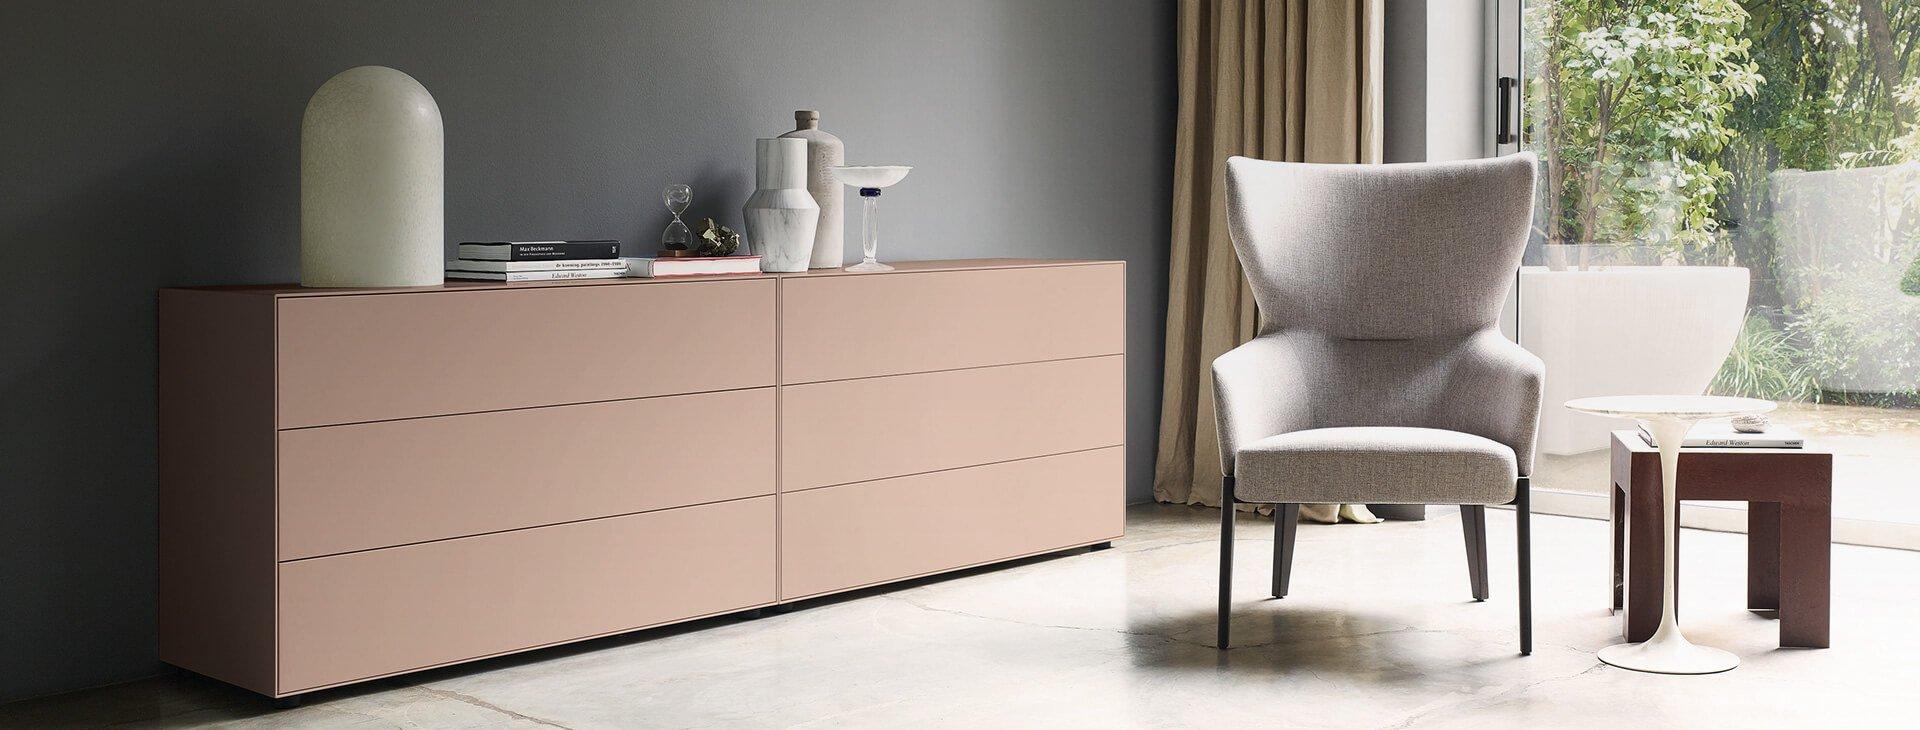 piure ihre brands im stilwerk hamburg. Black Bedroom Furniture Sets. Home Design Ideas